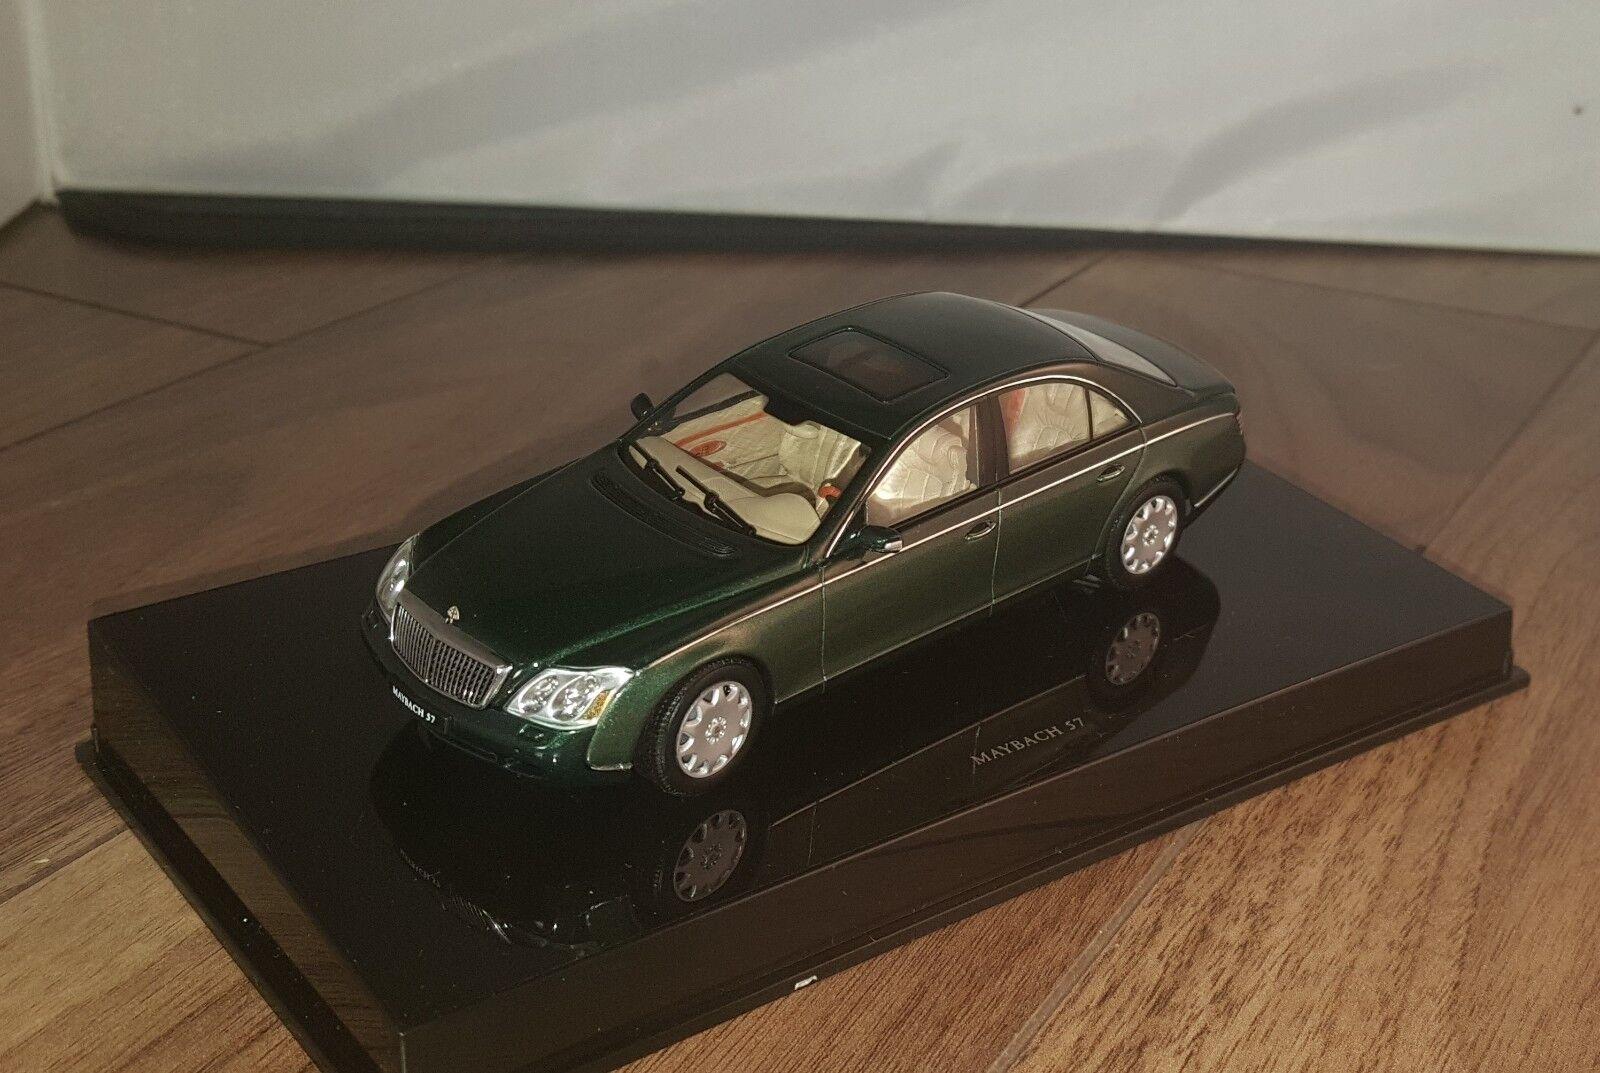 2007 maybach 57 limousine w240 - 1   43 autoart äußerst detaillierte g